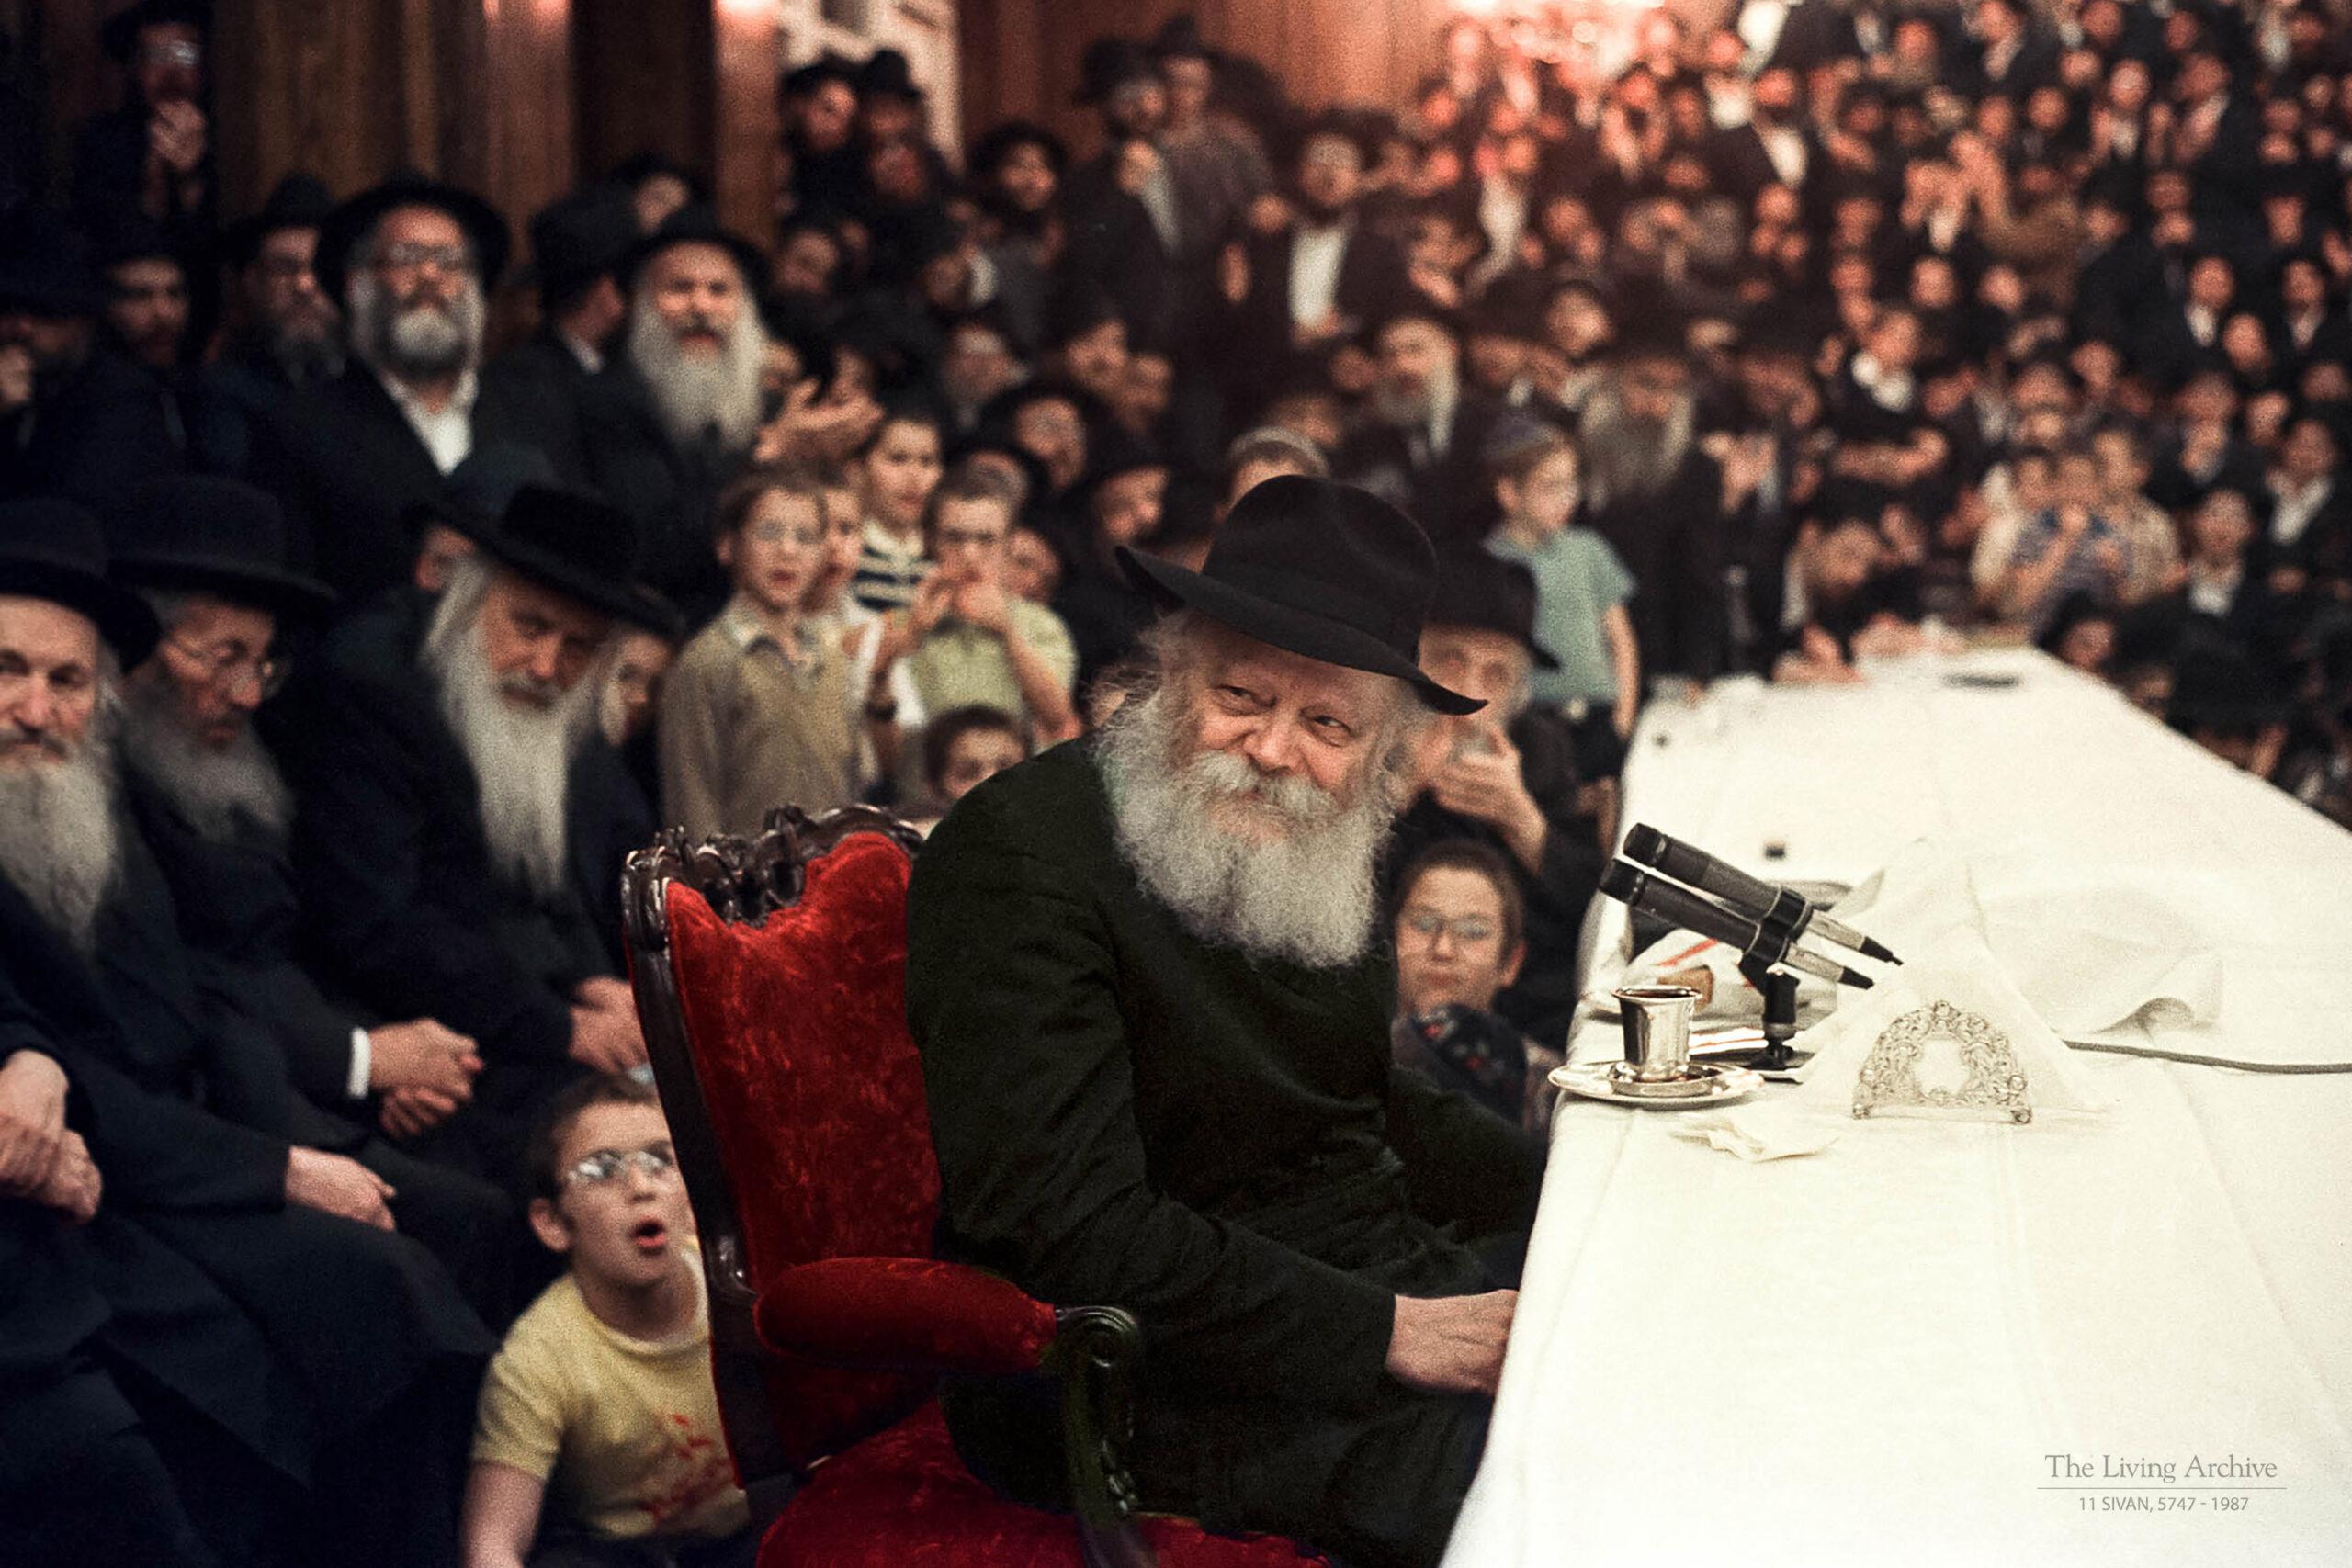 Az antiszemitizmus ugyan visszavezet pár zsidót a vallásához, de inkább a pozitívumokat kell hangsúlyozni